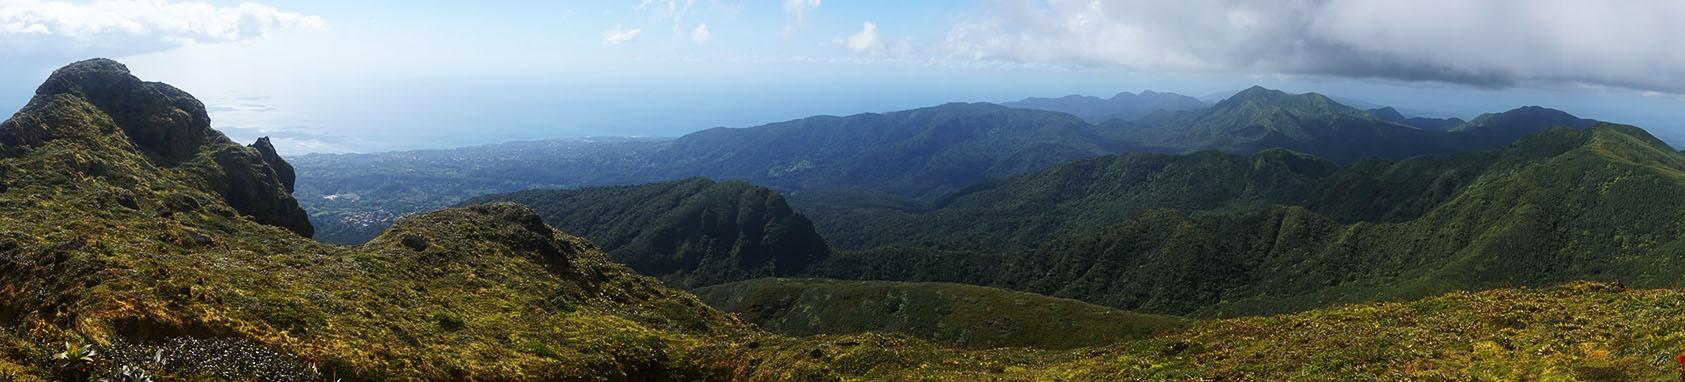 Panorama sommet de la soufrière